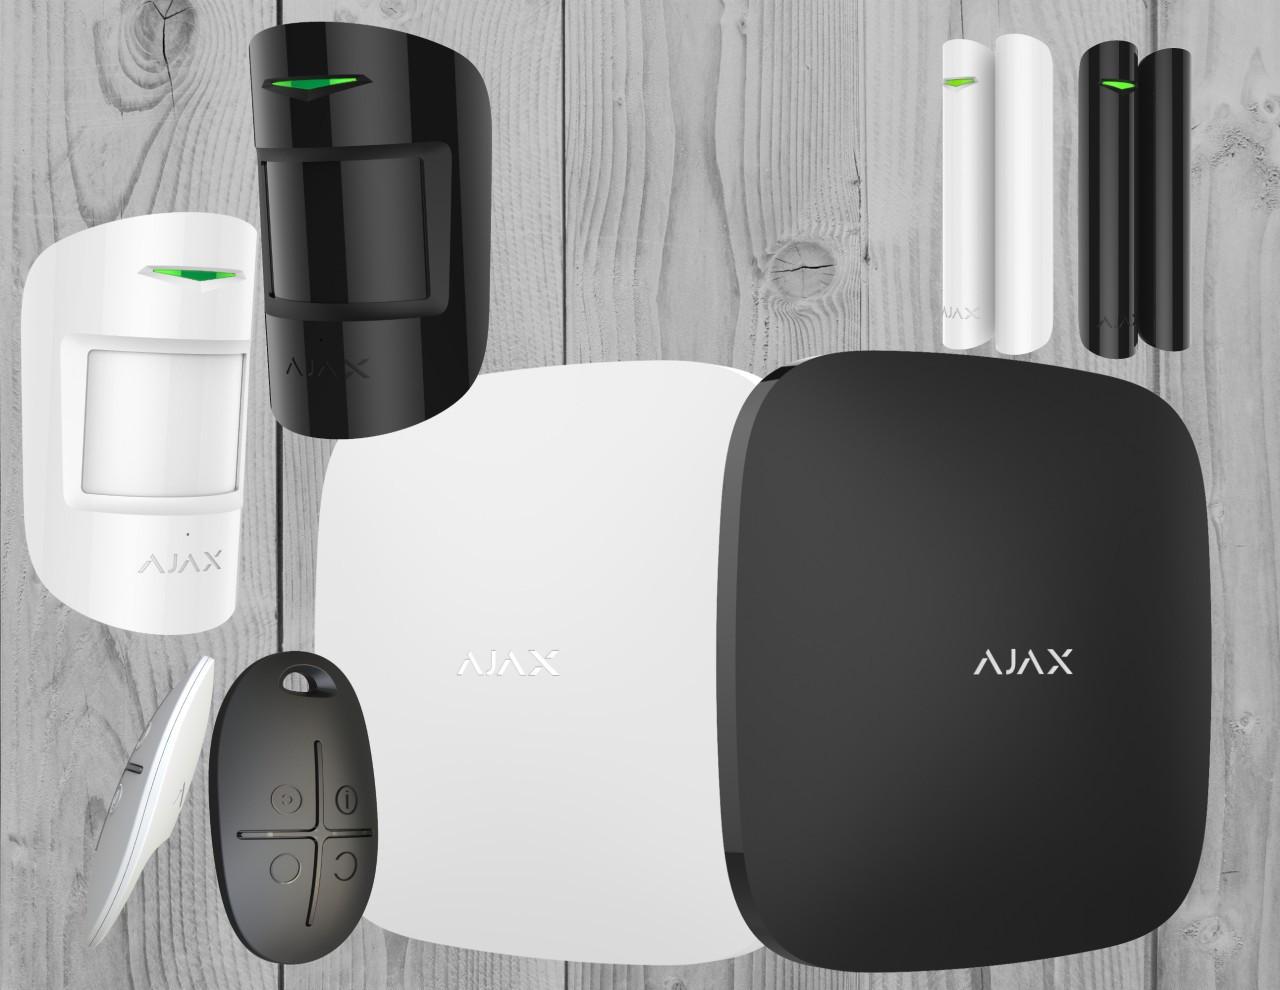 Комплект бездротової GSM сигналізації Ajax StarterKit (білий, чорний)